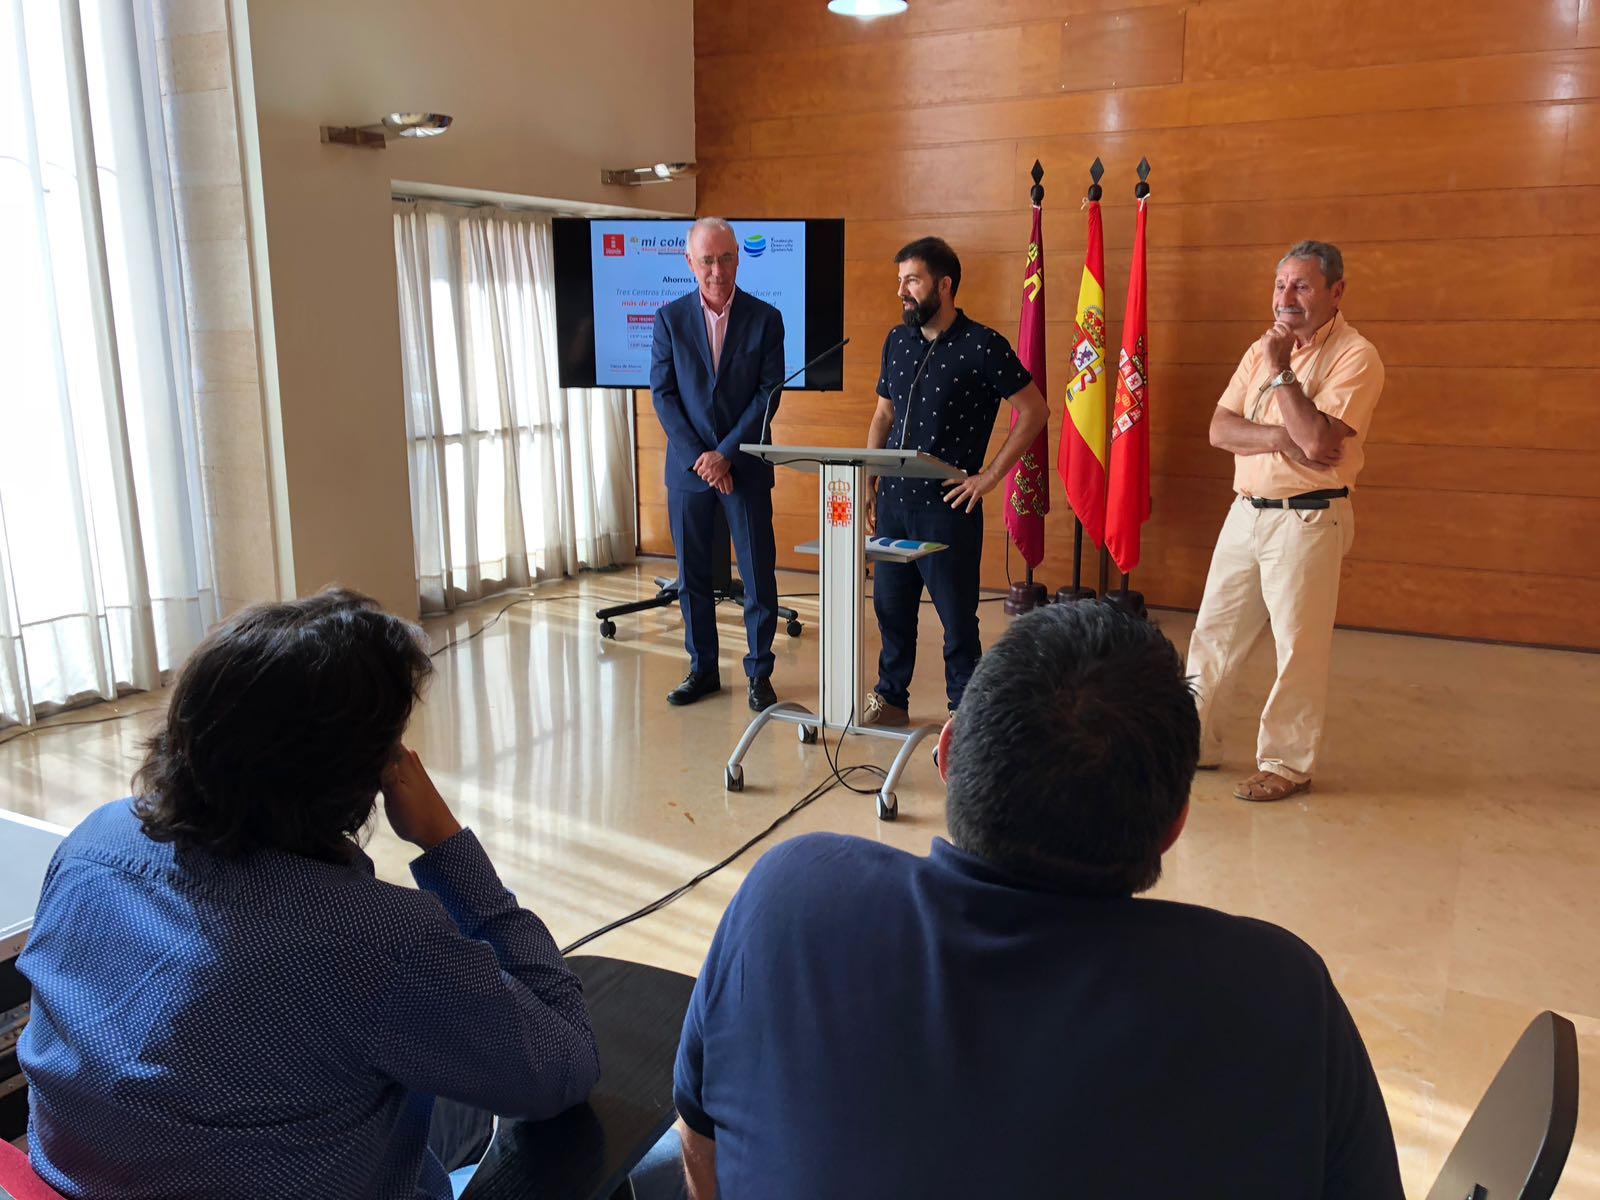 WhatsApp Image 2018 06 12 at 11.35.51 - El Ayuntamiento de Murcia reduce sus emisiones de CO2 en casi 2 toneladas durante el primer trimestre del 2018 gracias al proyecto 'Mi Cole Ahorra con Energía'